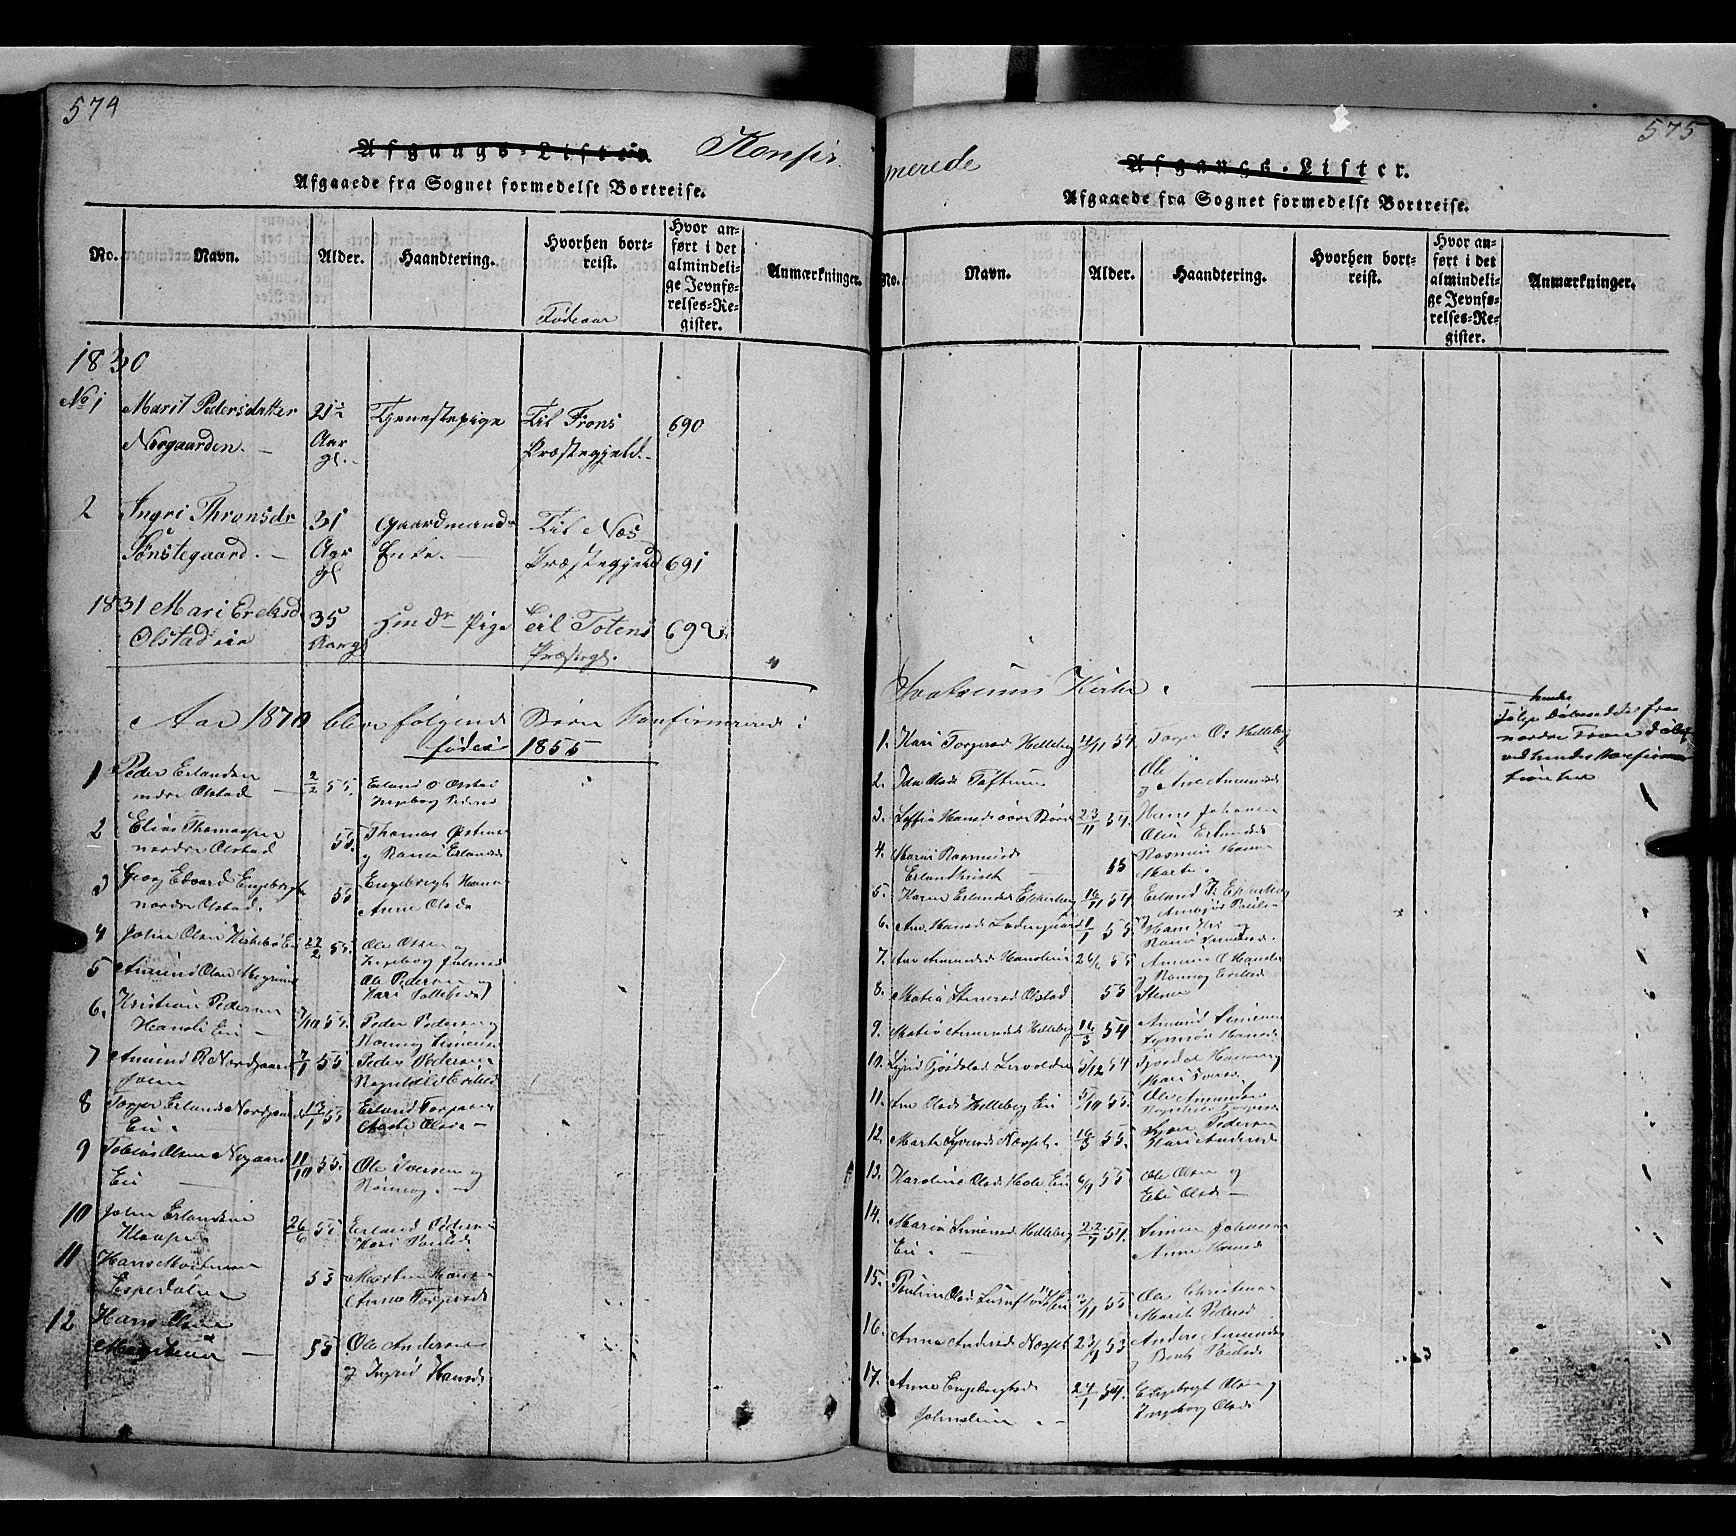 SAH, Gausdal prestekontor, Klokkerbok nr. 2, 1818-1874, s. 574-575